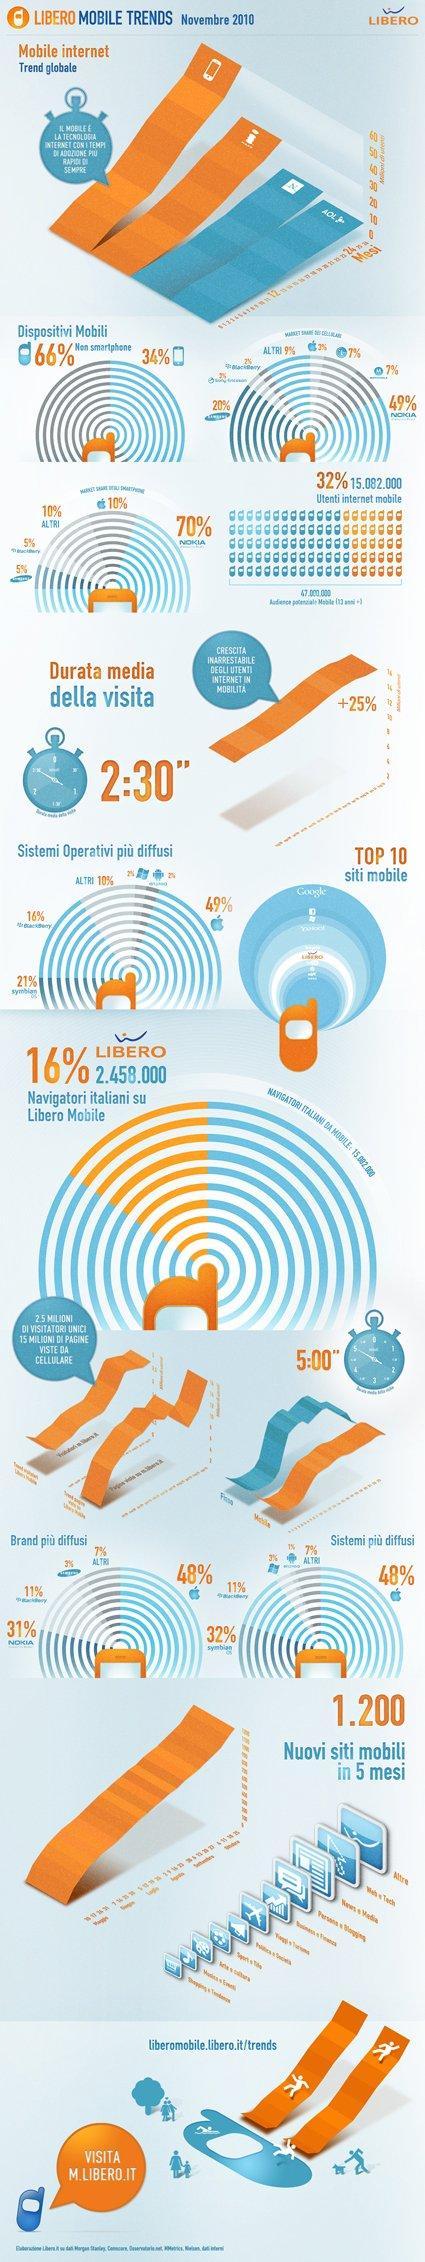 Lo stato dell'arte del mercato del Mobile in Italia [INFOGRAFICA]